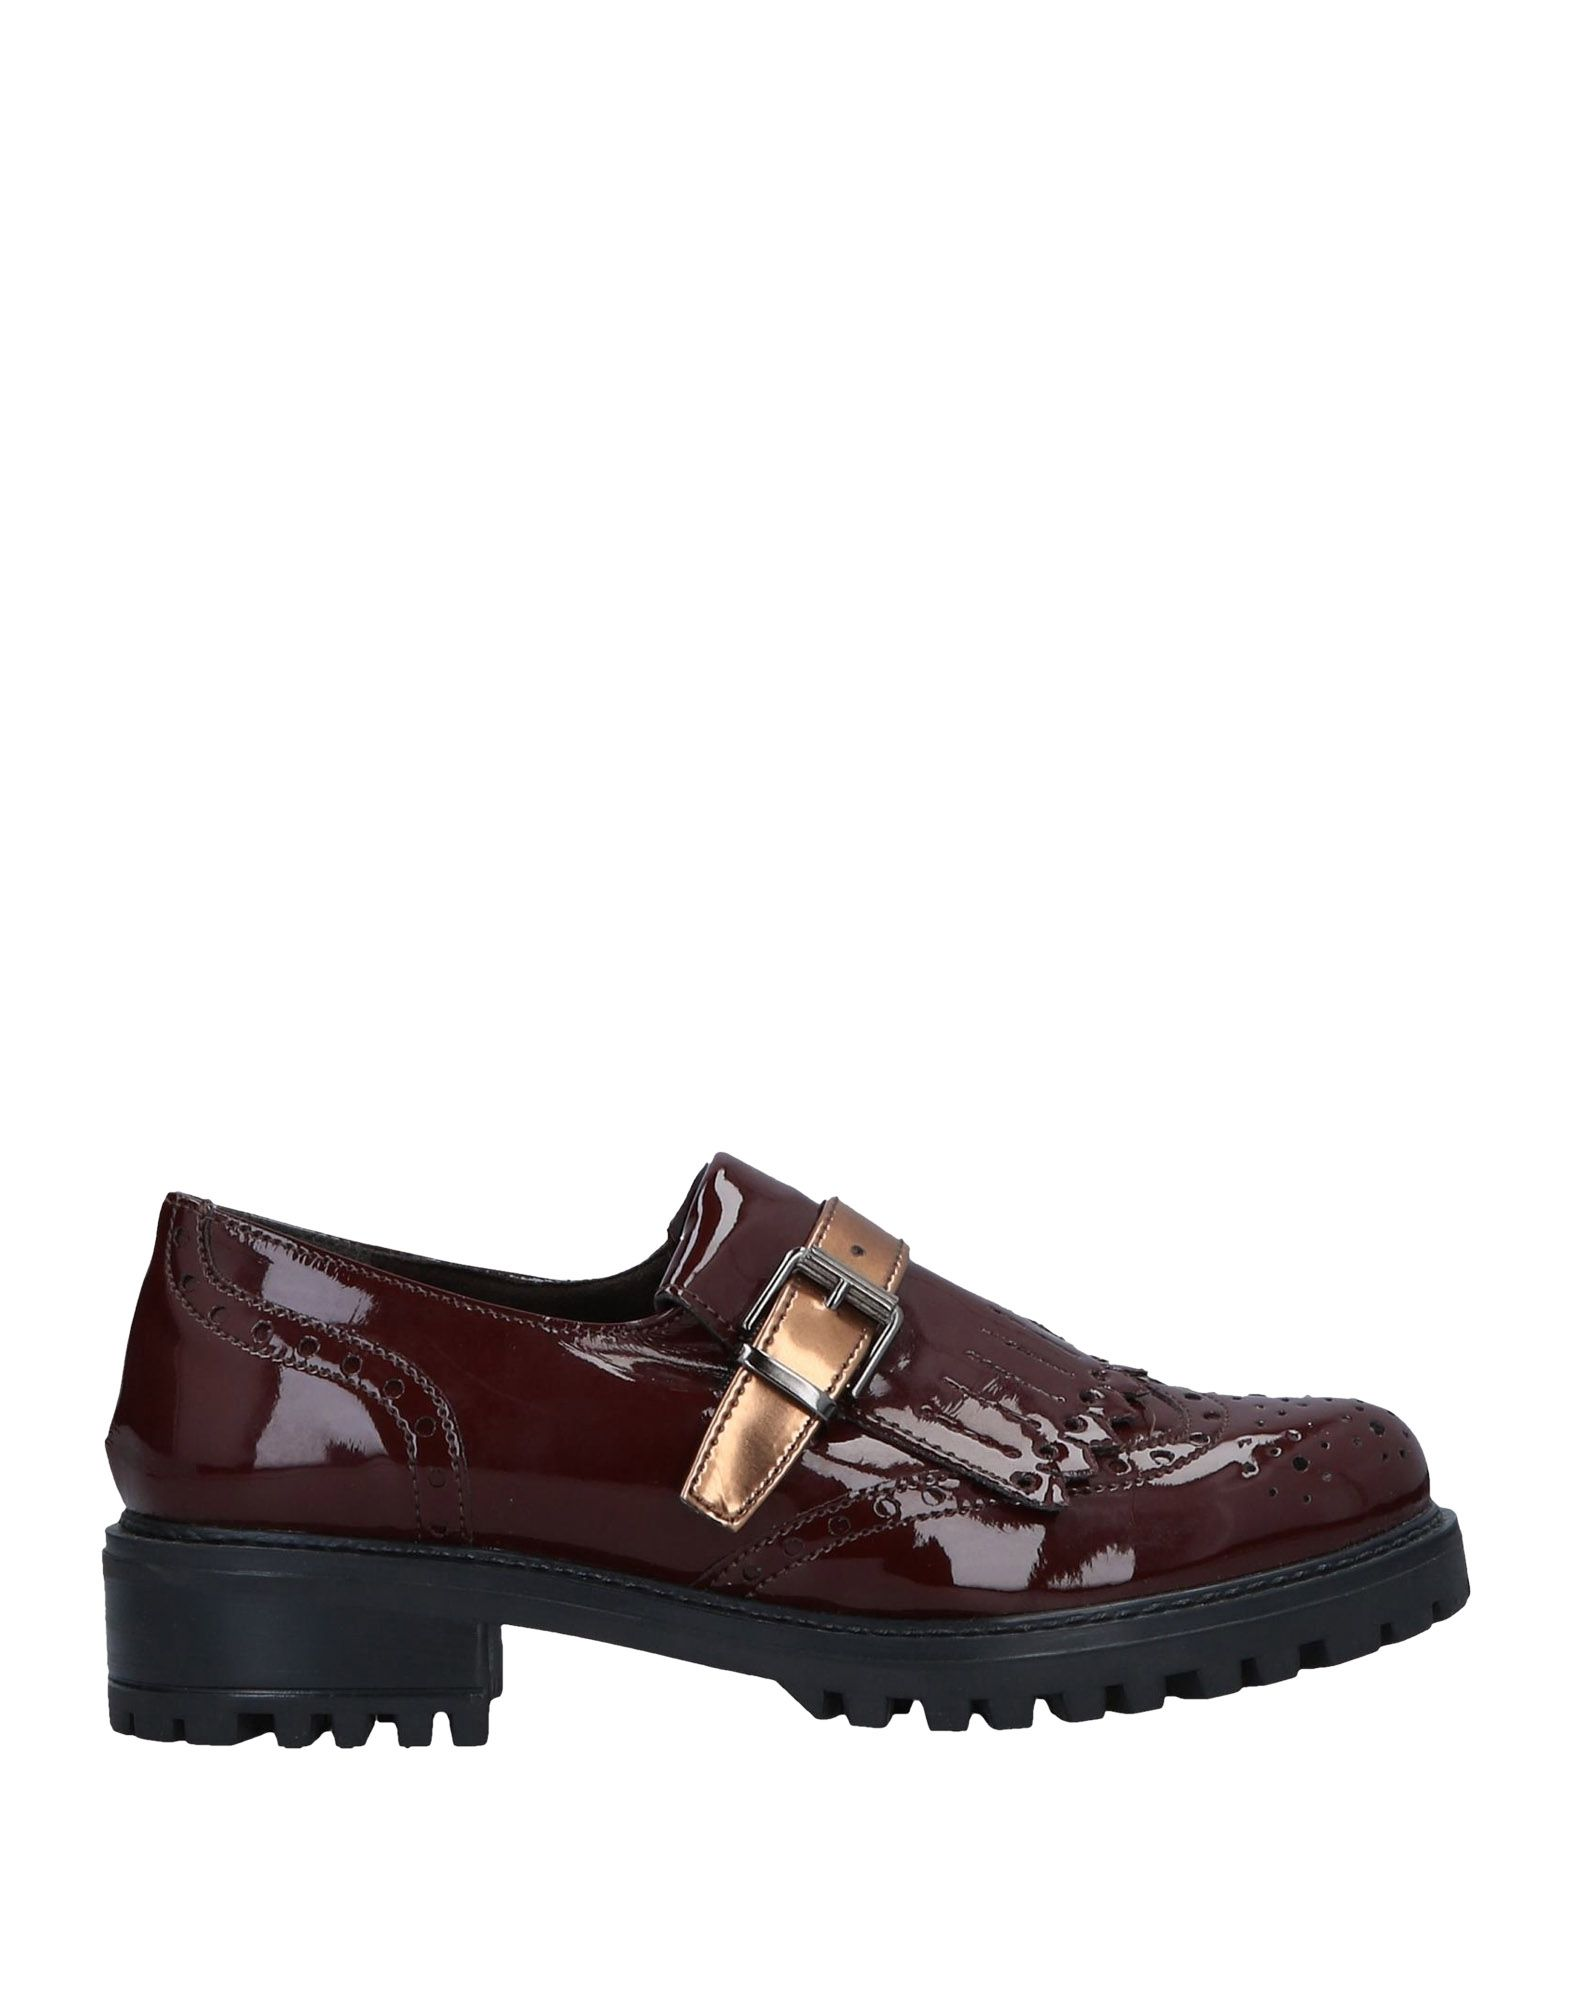 Ele Noir Mokassins Damen  11518266TQ Gute Qualität beliebte Schuhe